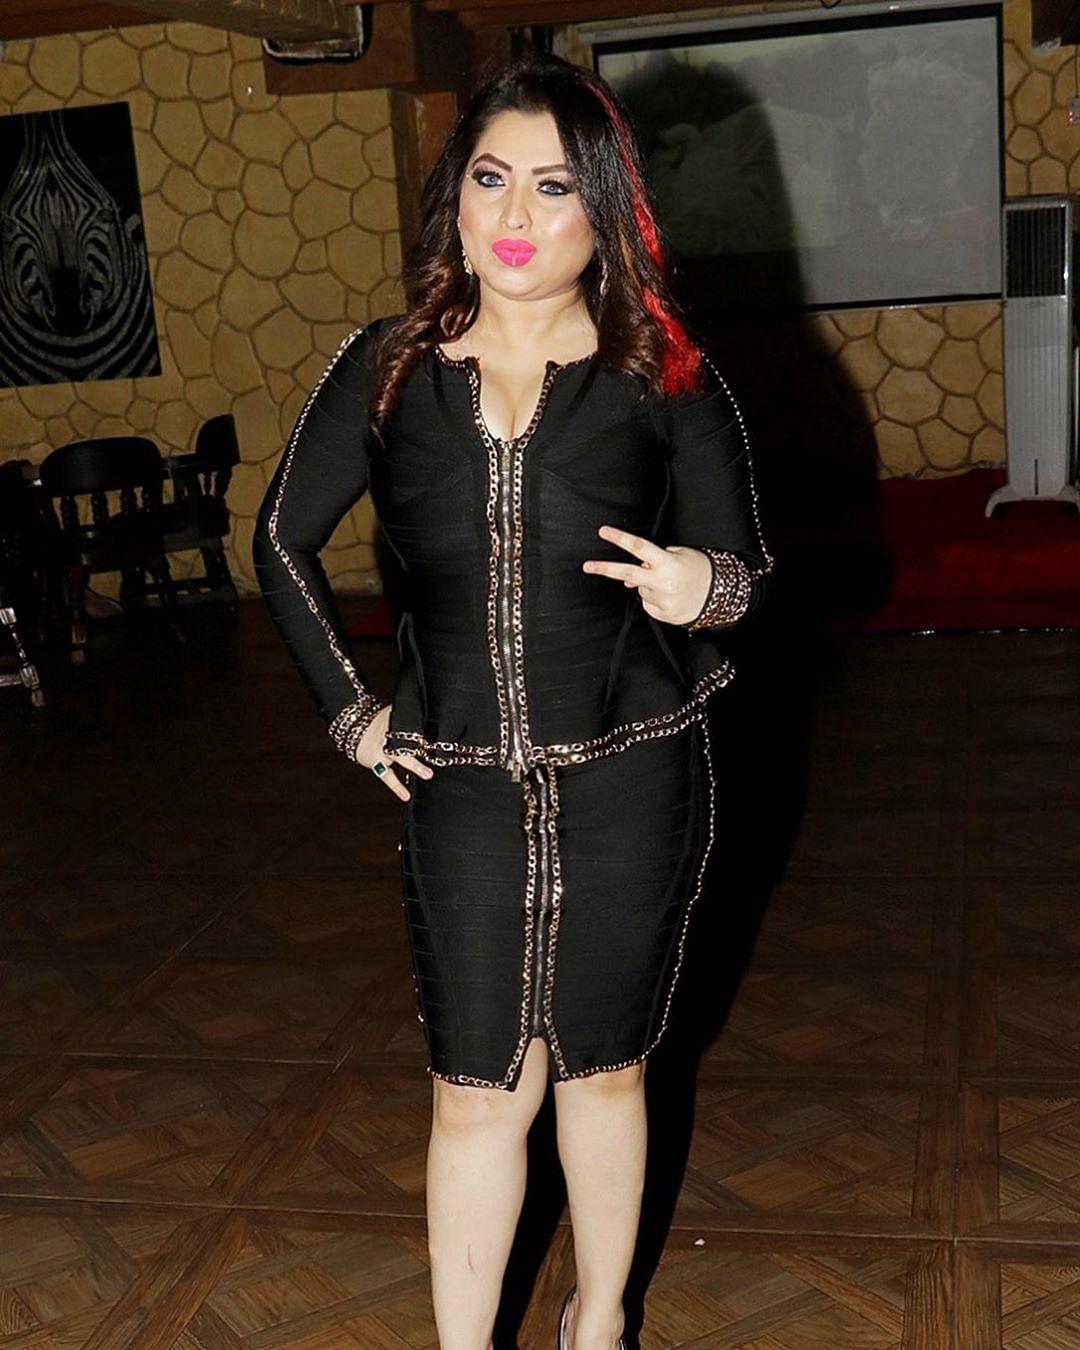 इस अभिनेत्री के निधन की झूठी खबर हुई वायरल, फर्जी खबर का यूं किया खंडन -  Entertainment News: Amar Ujala